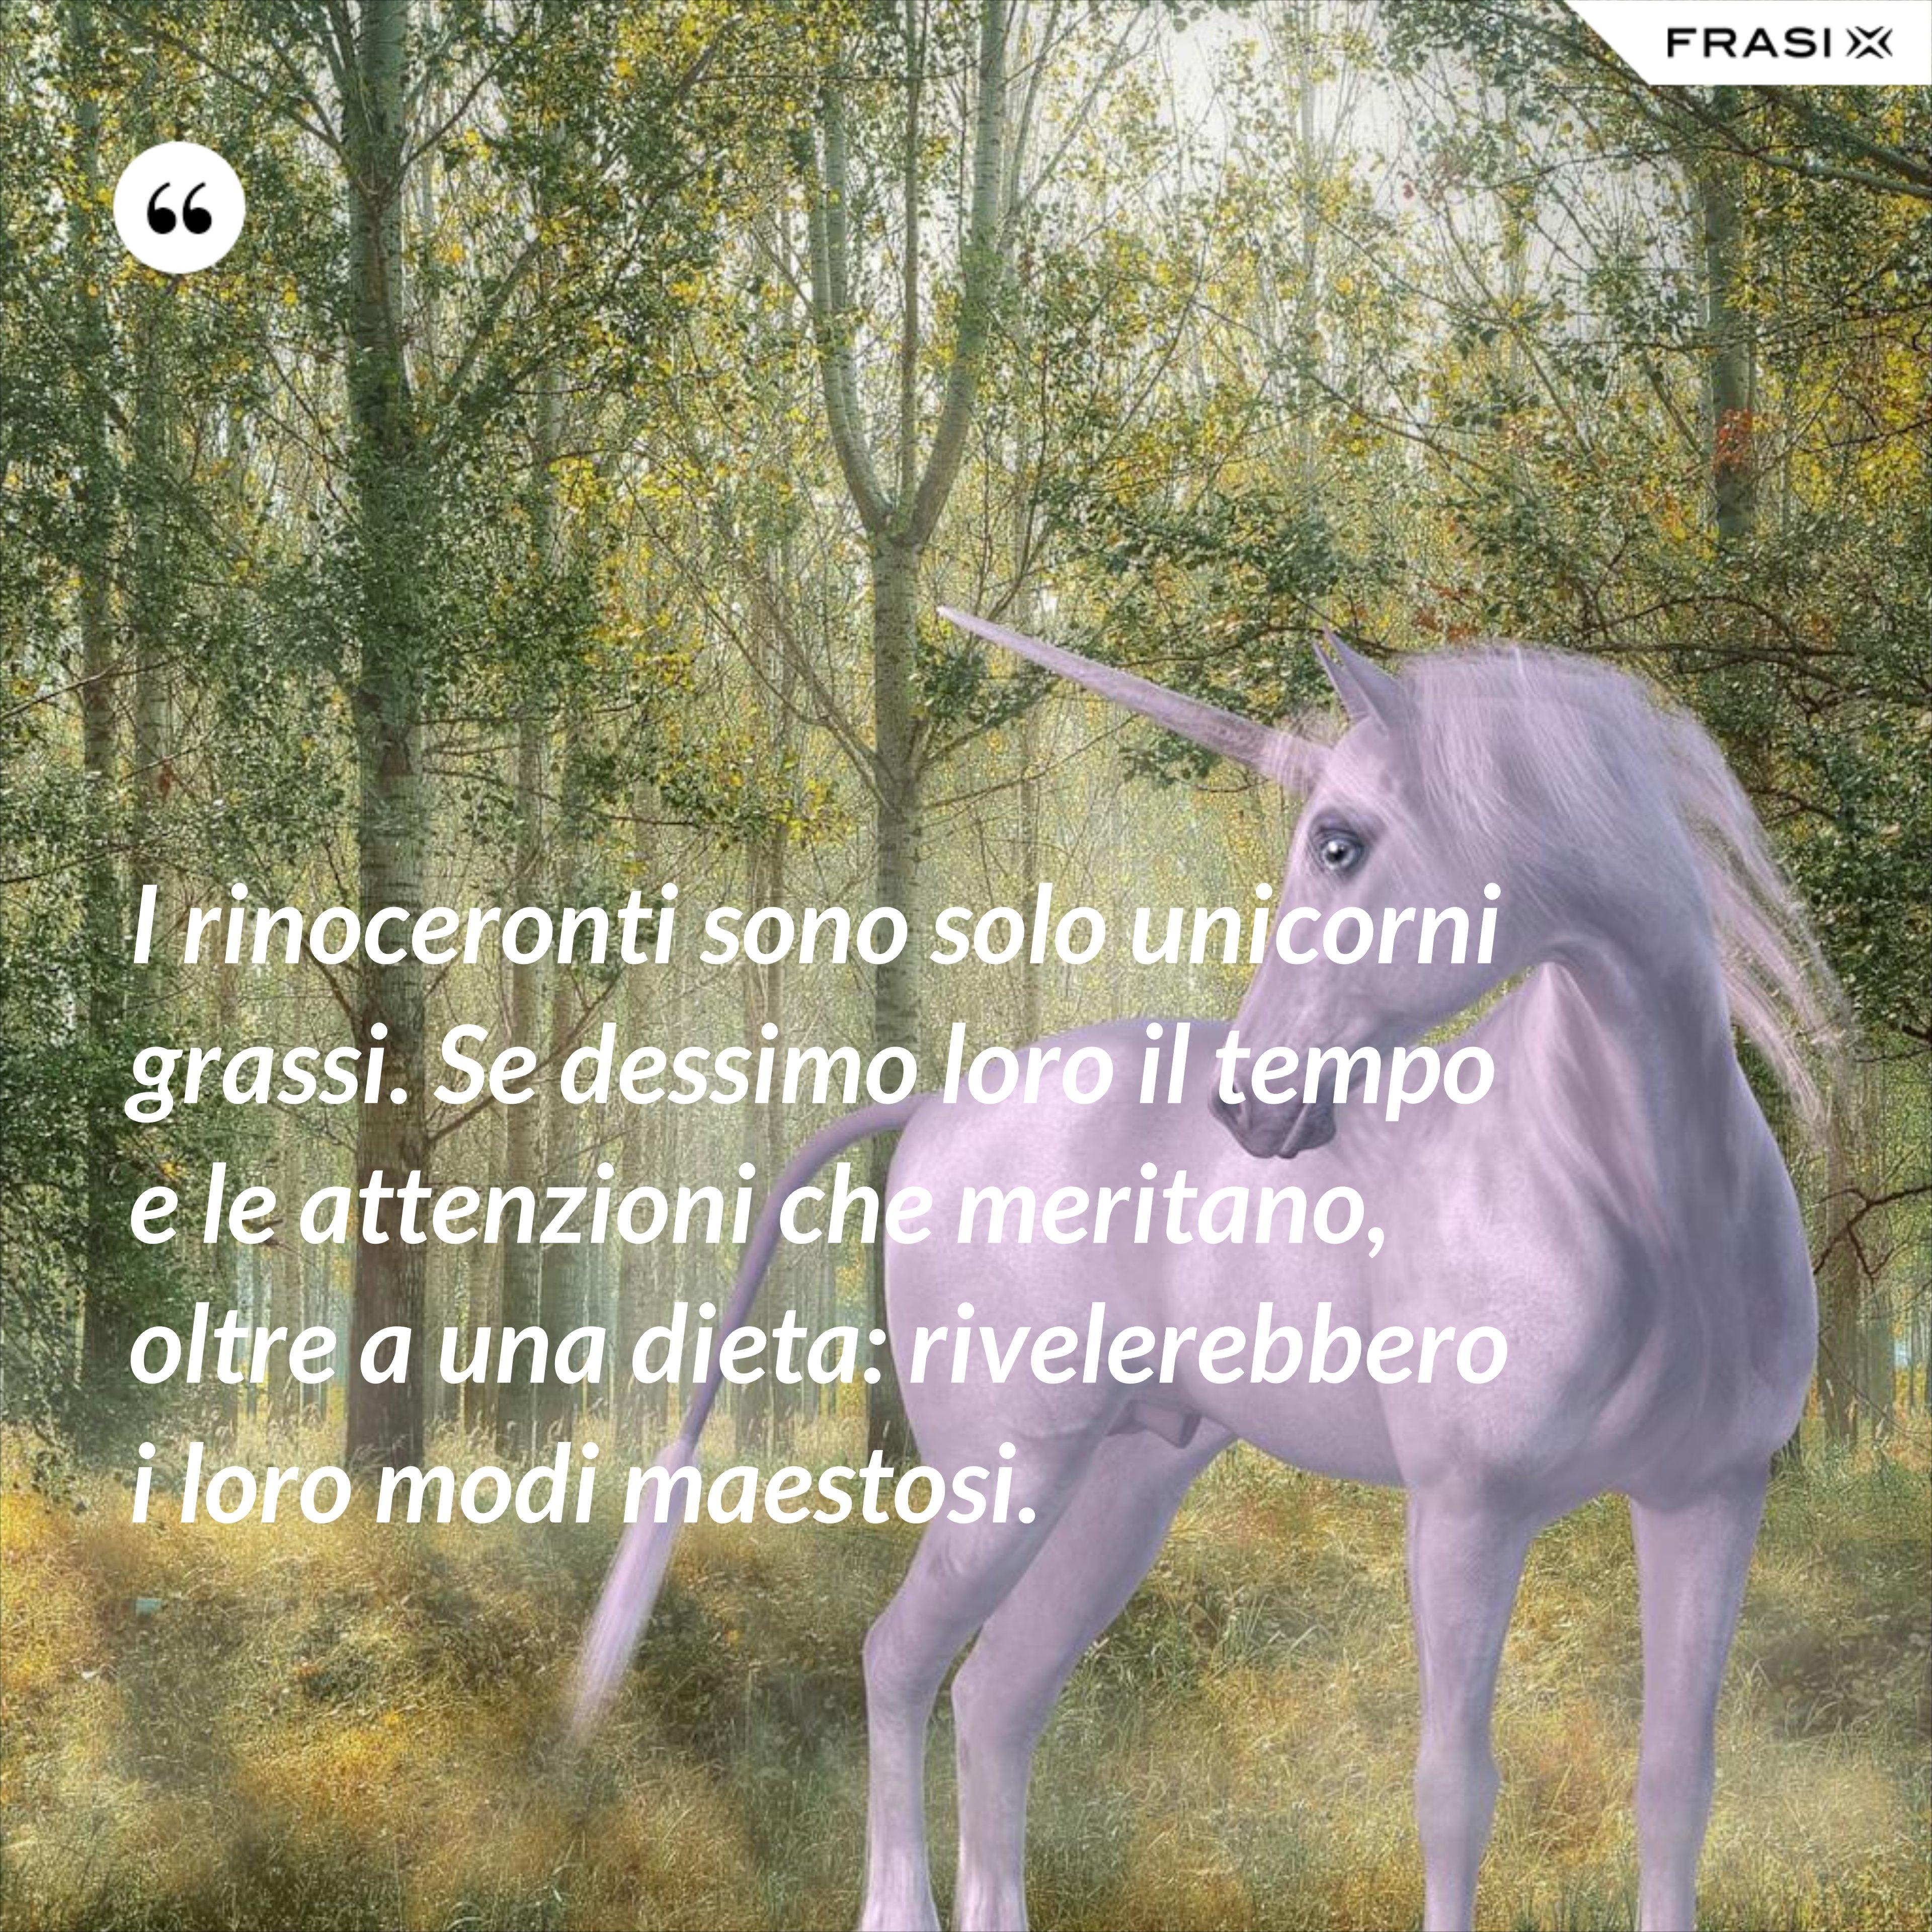 I rinoceronti sono solo unicorni grassi. Se dessimo loro il tempo e le attenzioni che meritano, oltre a una dieta: rivelerebbero i loro modi maestosi. - Anonimo